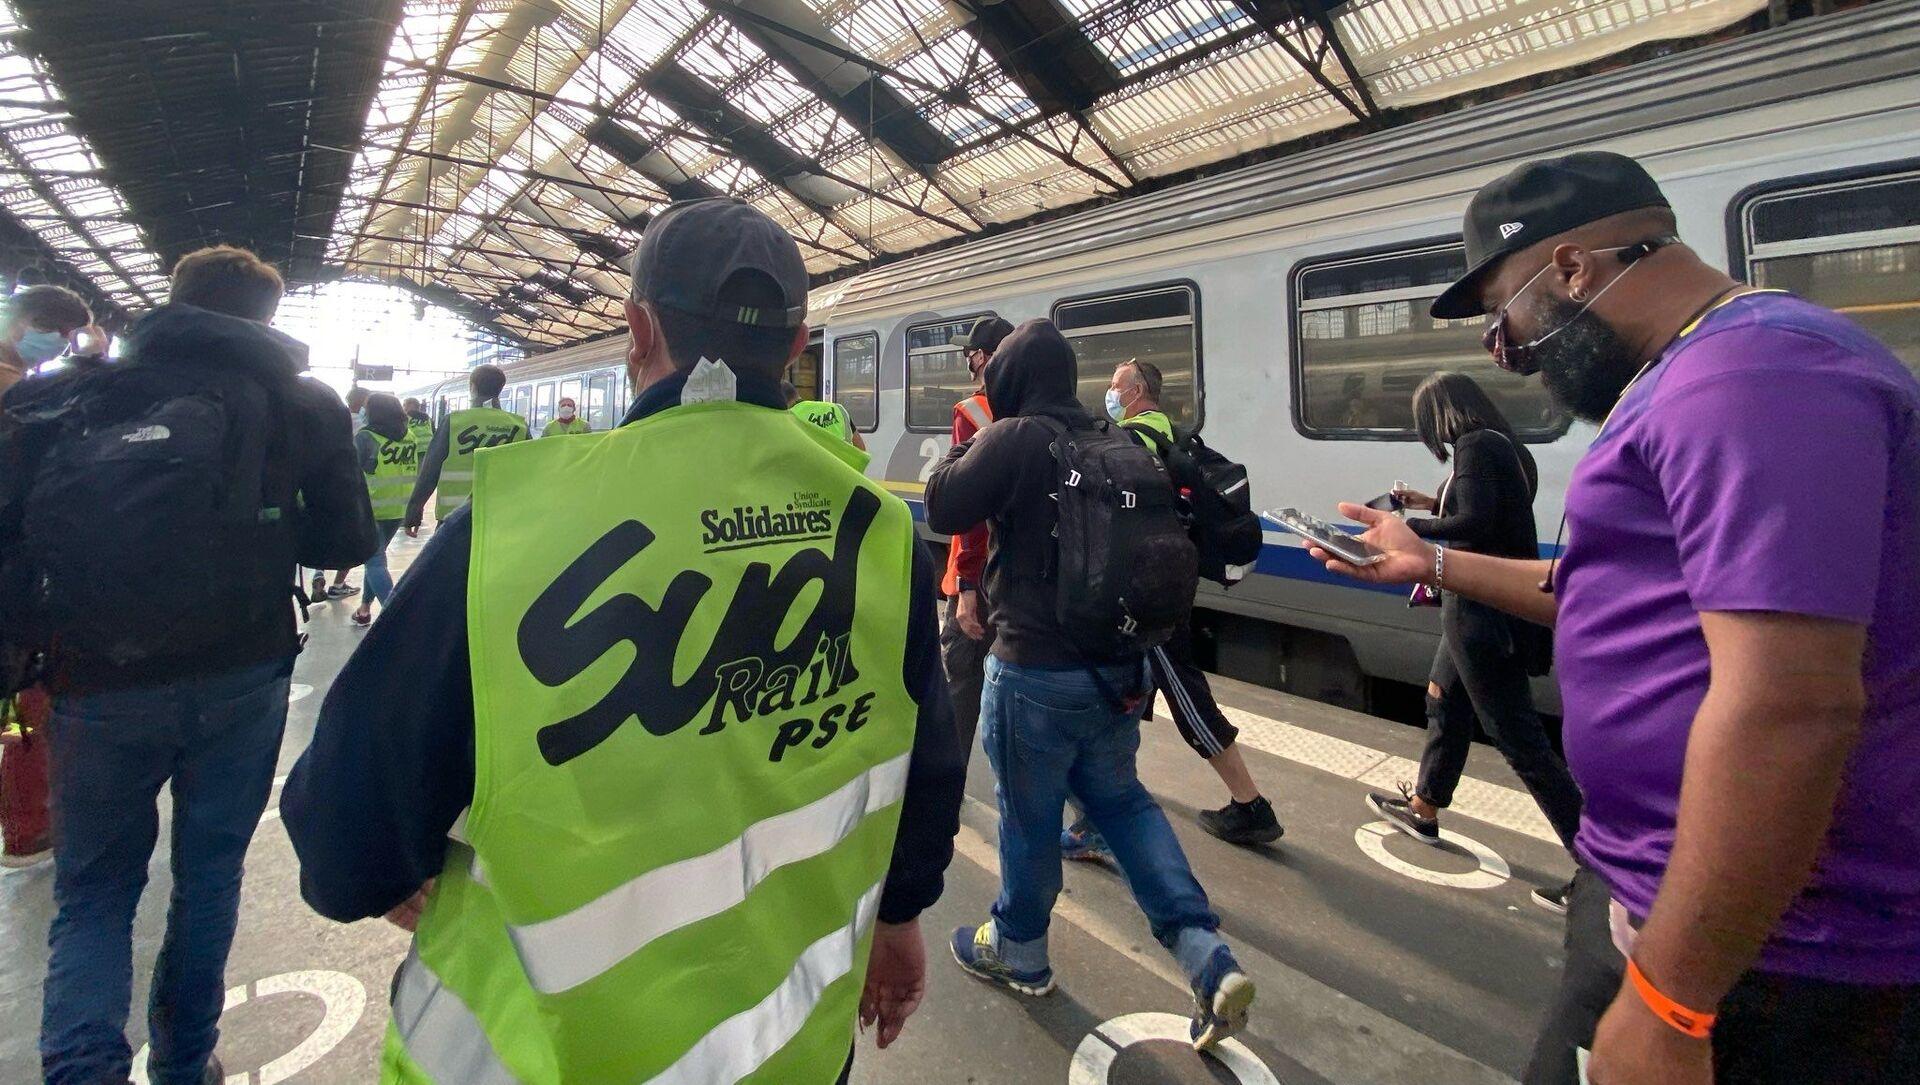 Action des cheminots de Sud Rail à la Gare de Lyon, alors qu'Emmanuel Macron y est présent pour les 40 ans du TGV, le 17 septembre 2021 - Sputnik France, 1920, 17.09.2021